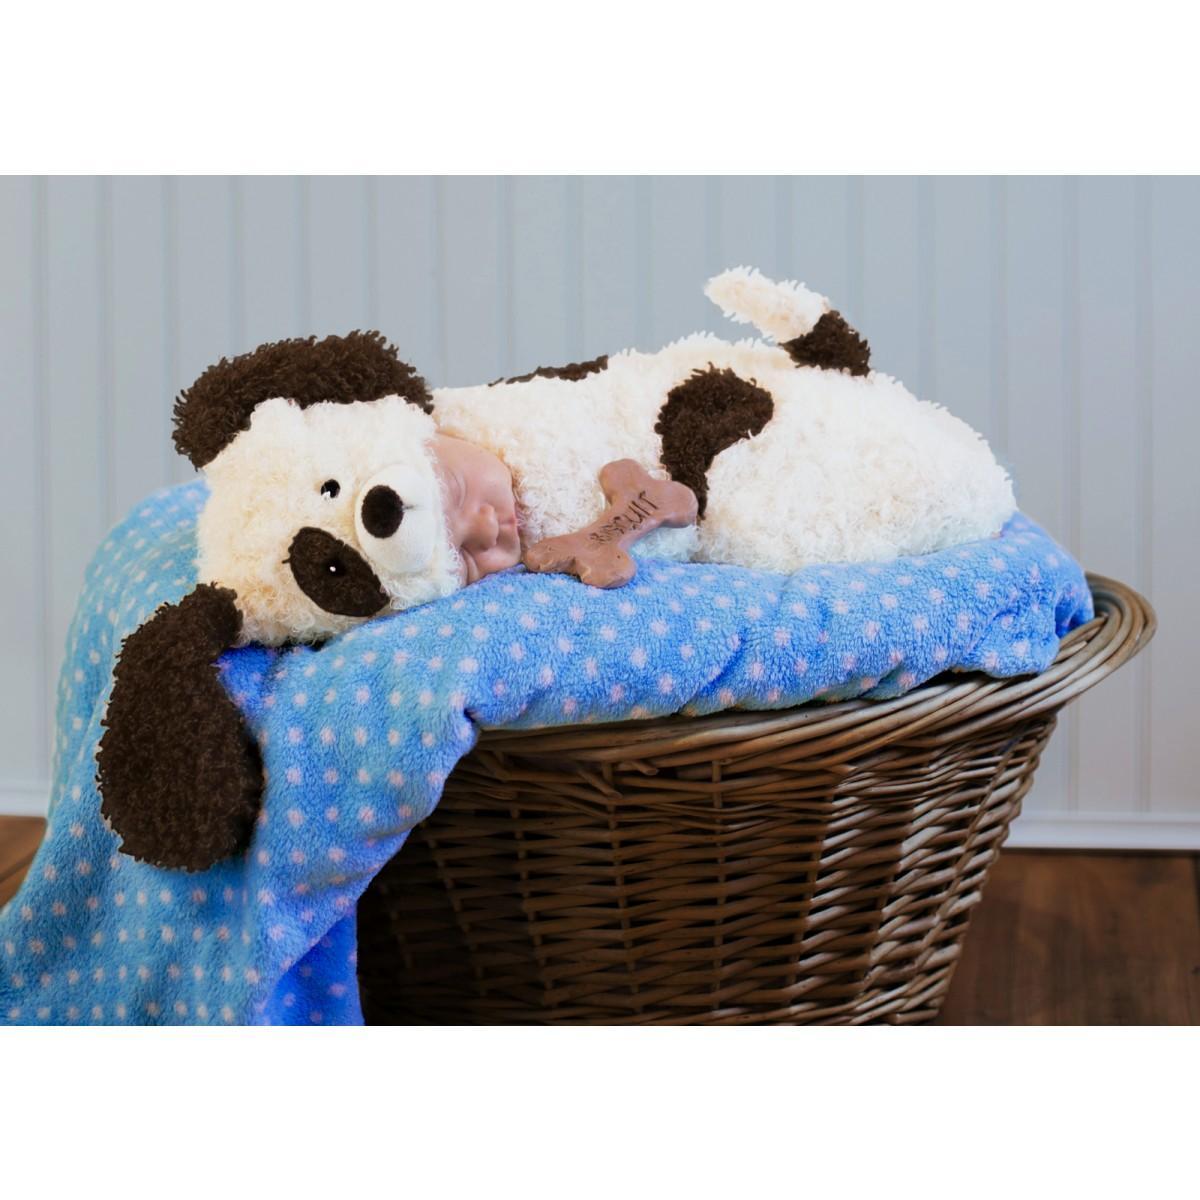 赤ちゃん ベビー 可愛い コスチューム パピー 子犬 動物 おくるみ 着ぐるみ カドリー ハロウィン コスプレ コスチューム 衣装 グッズ 年賀状 戌年